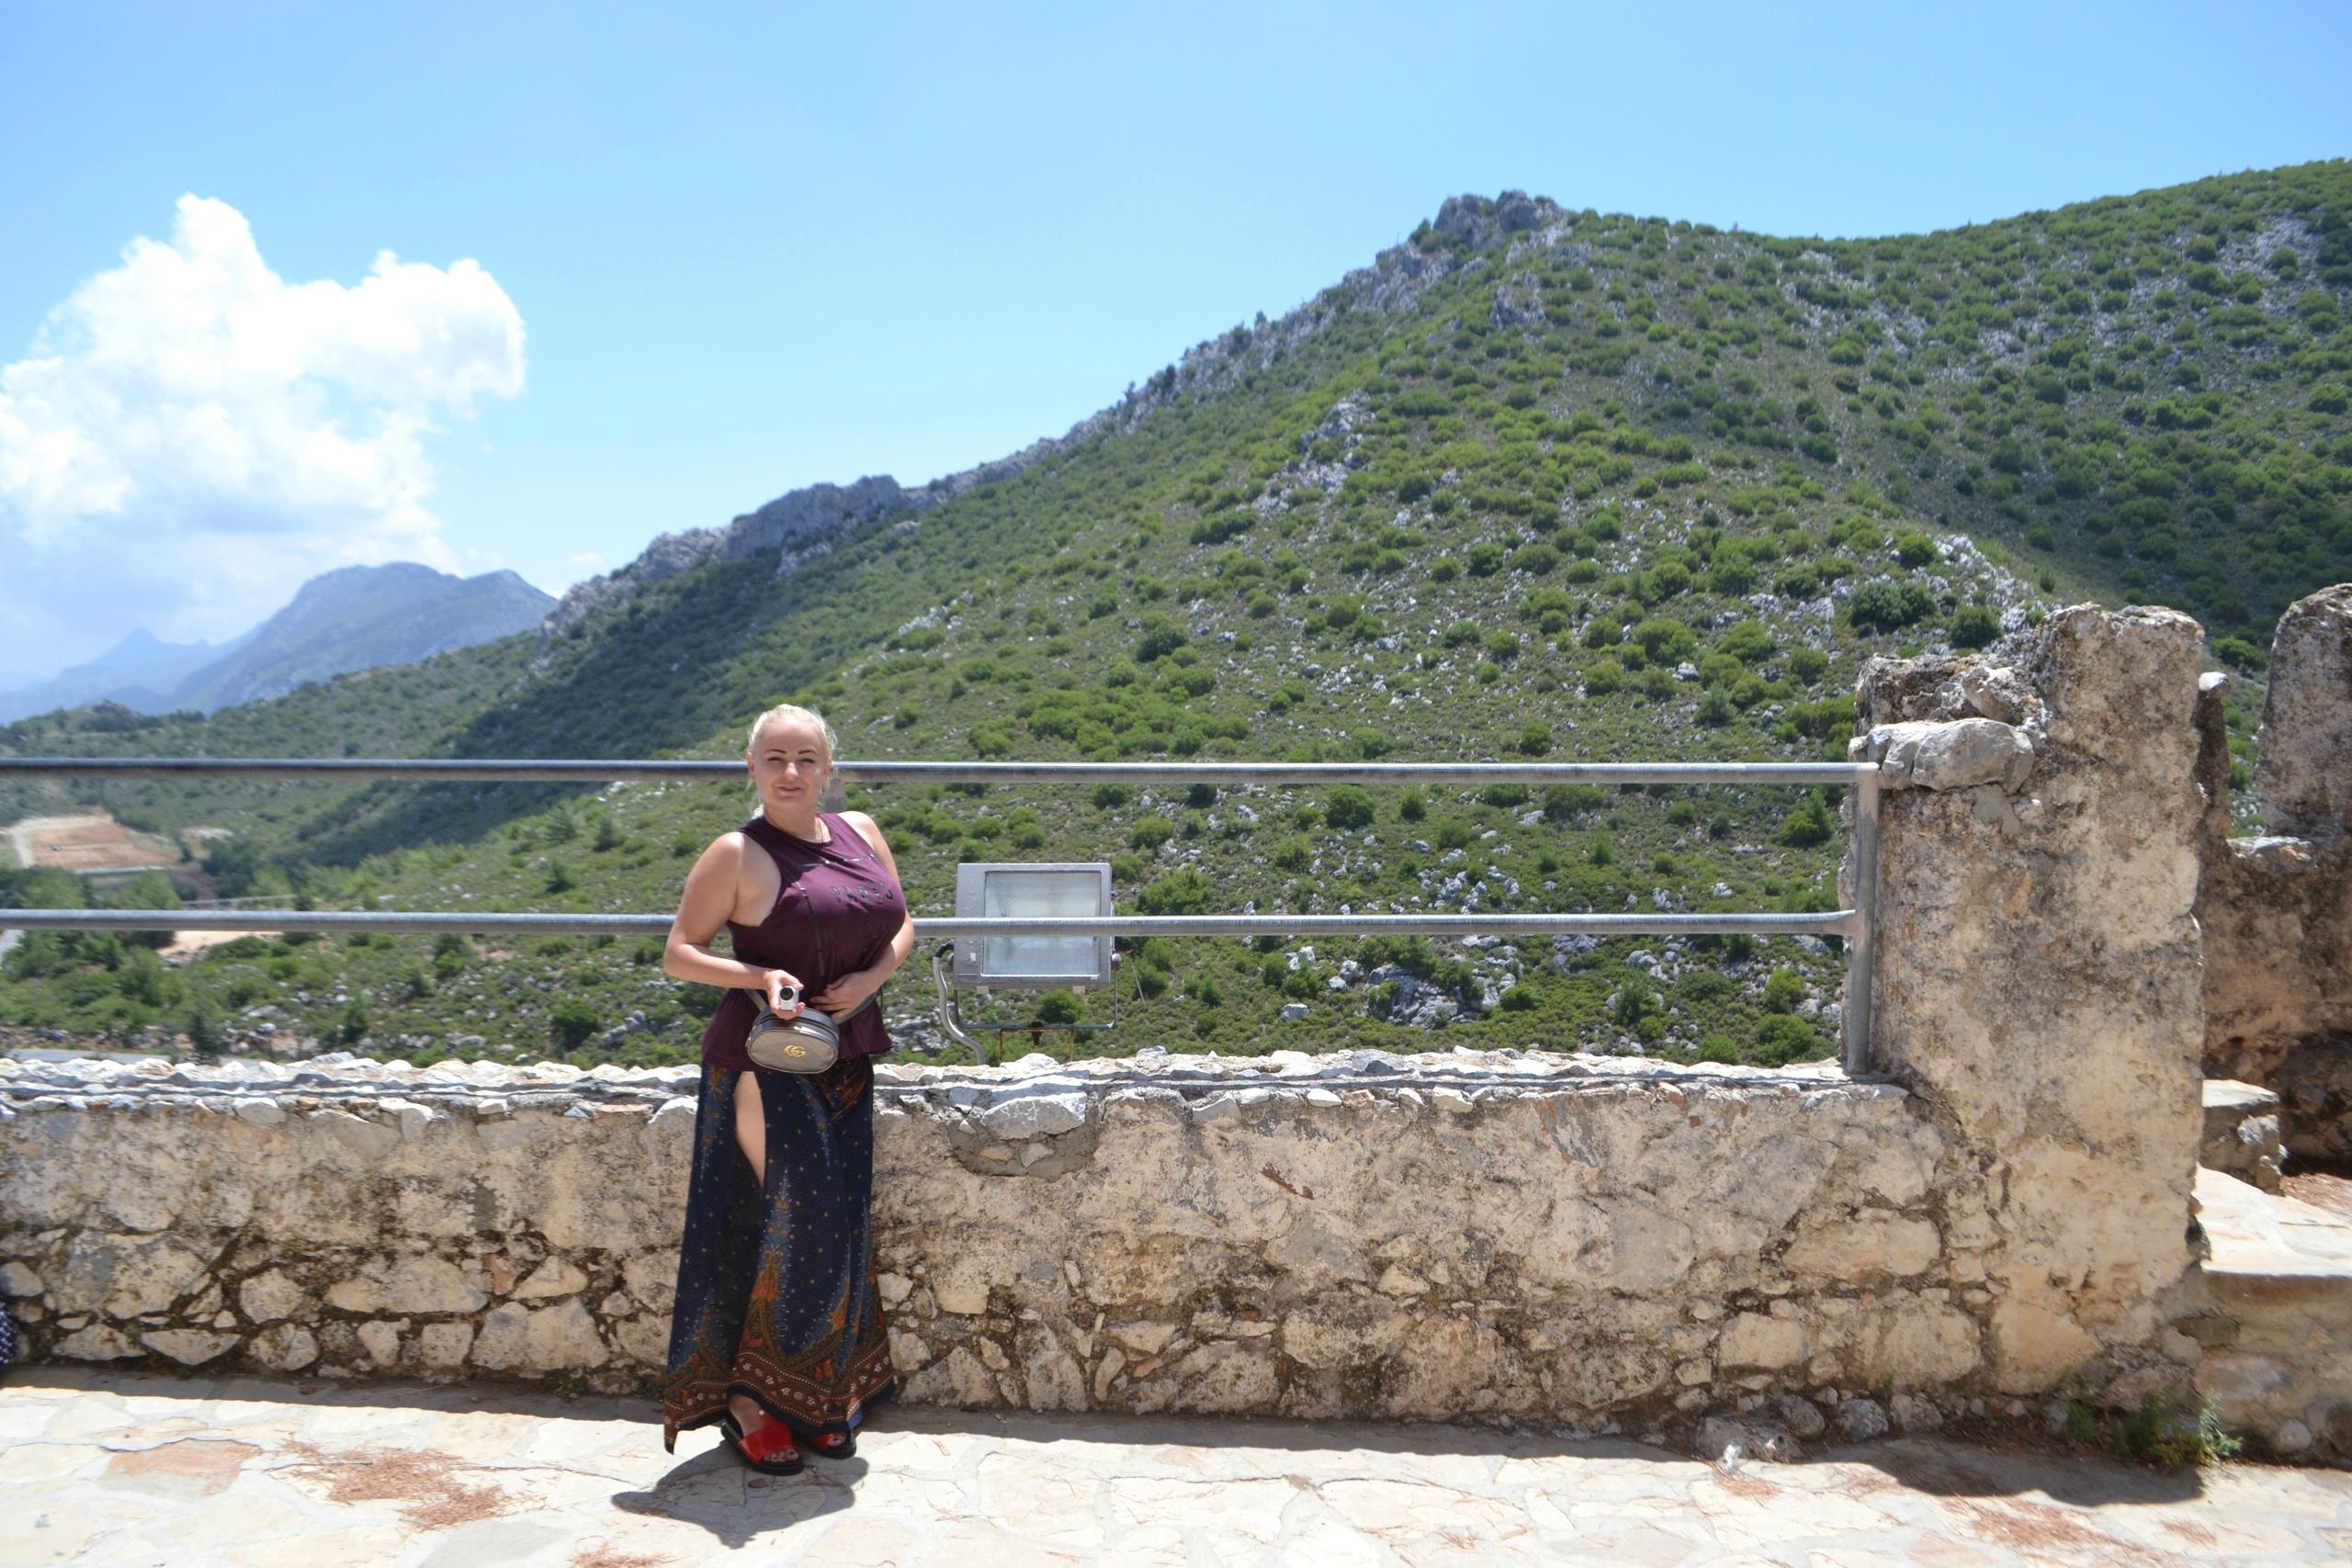 никосия - Елена Руденко. Мои путешествия (фото/видео) - Страница 4 KGMJacFJqwU